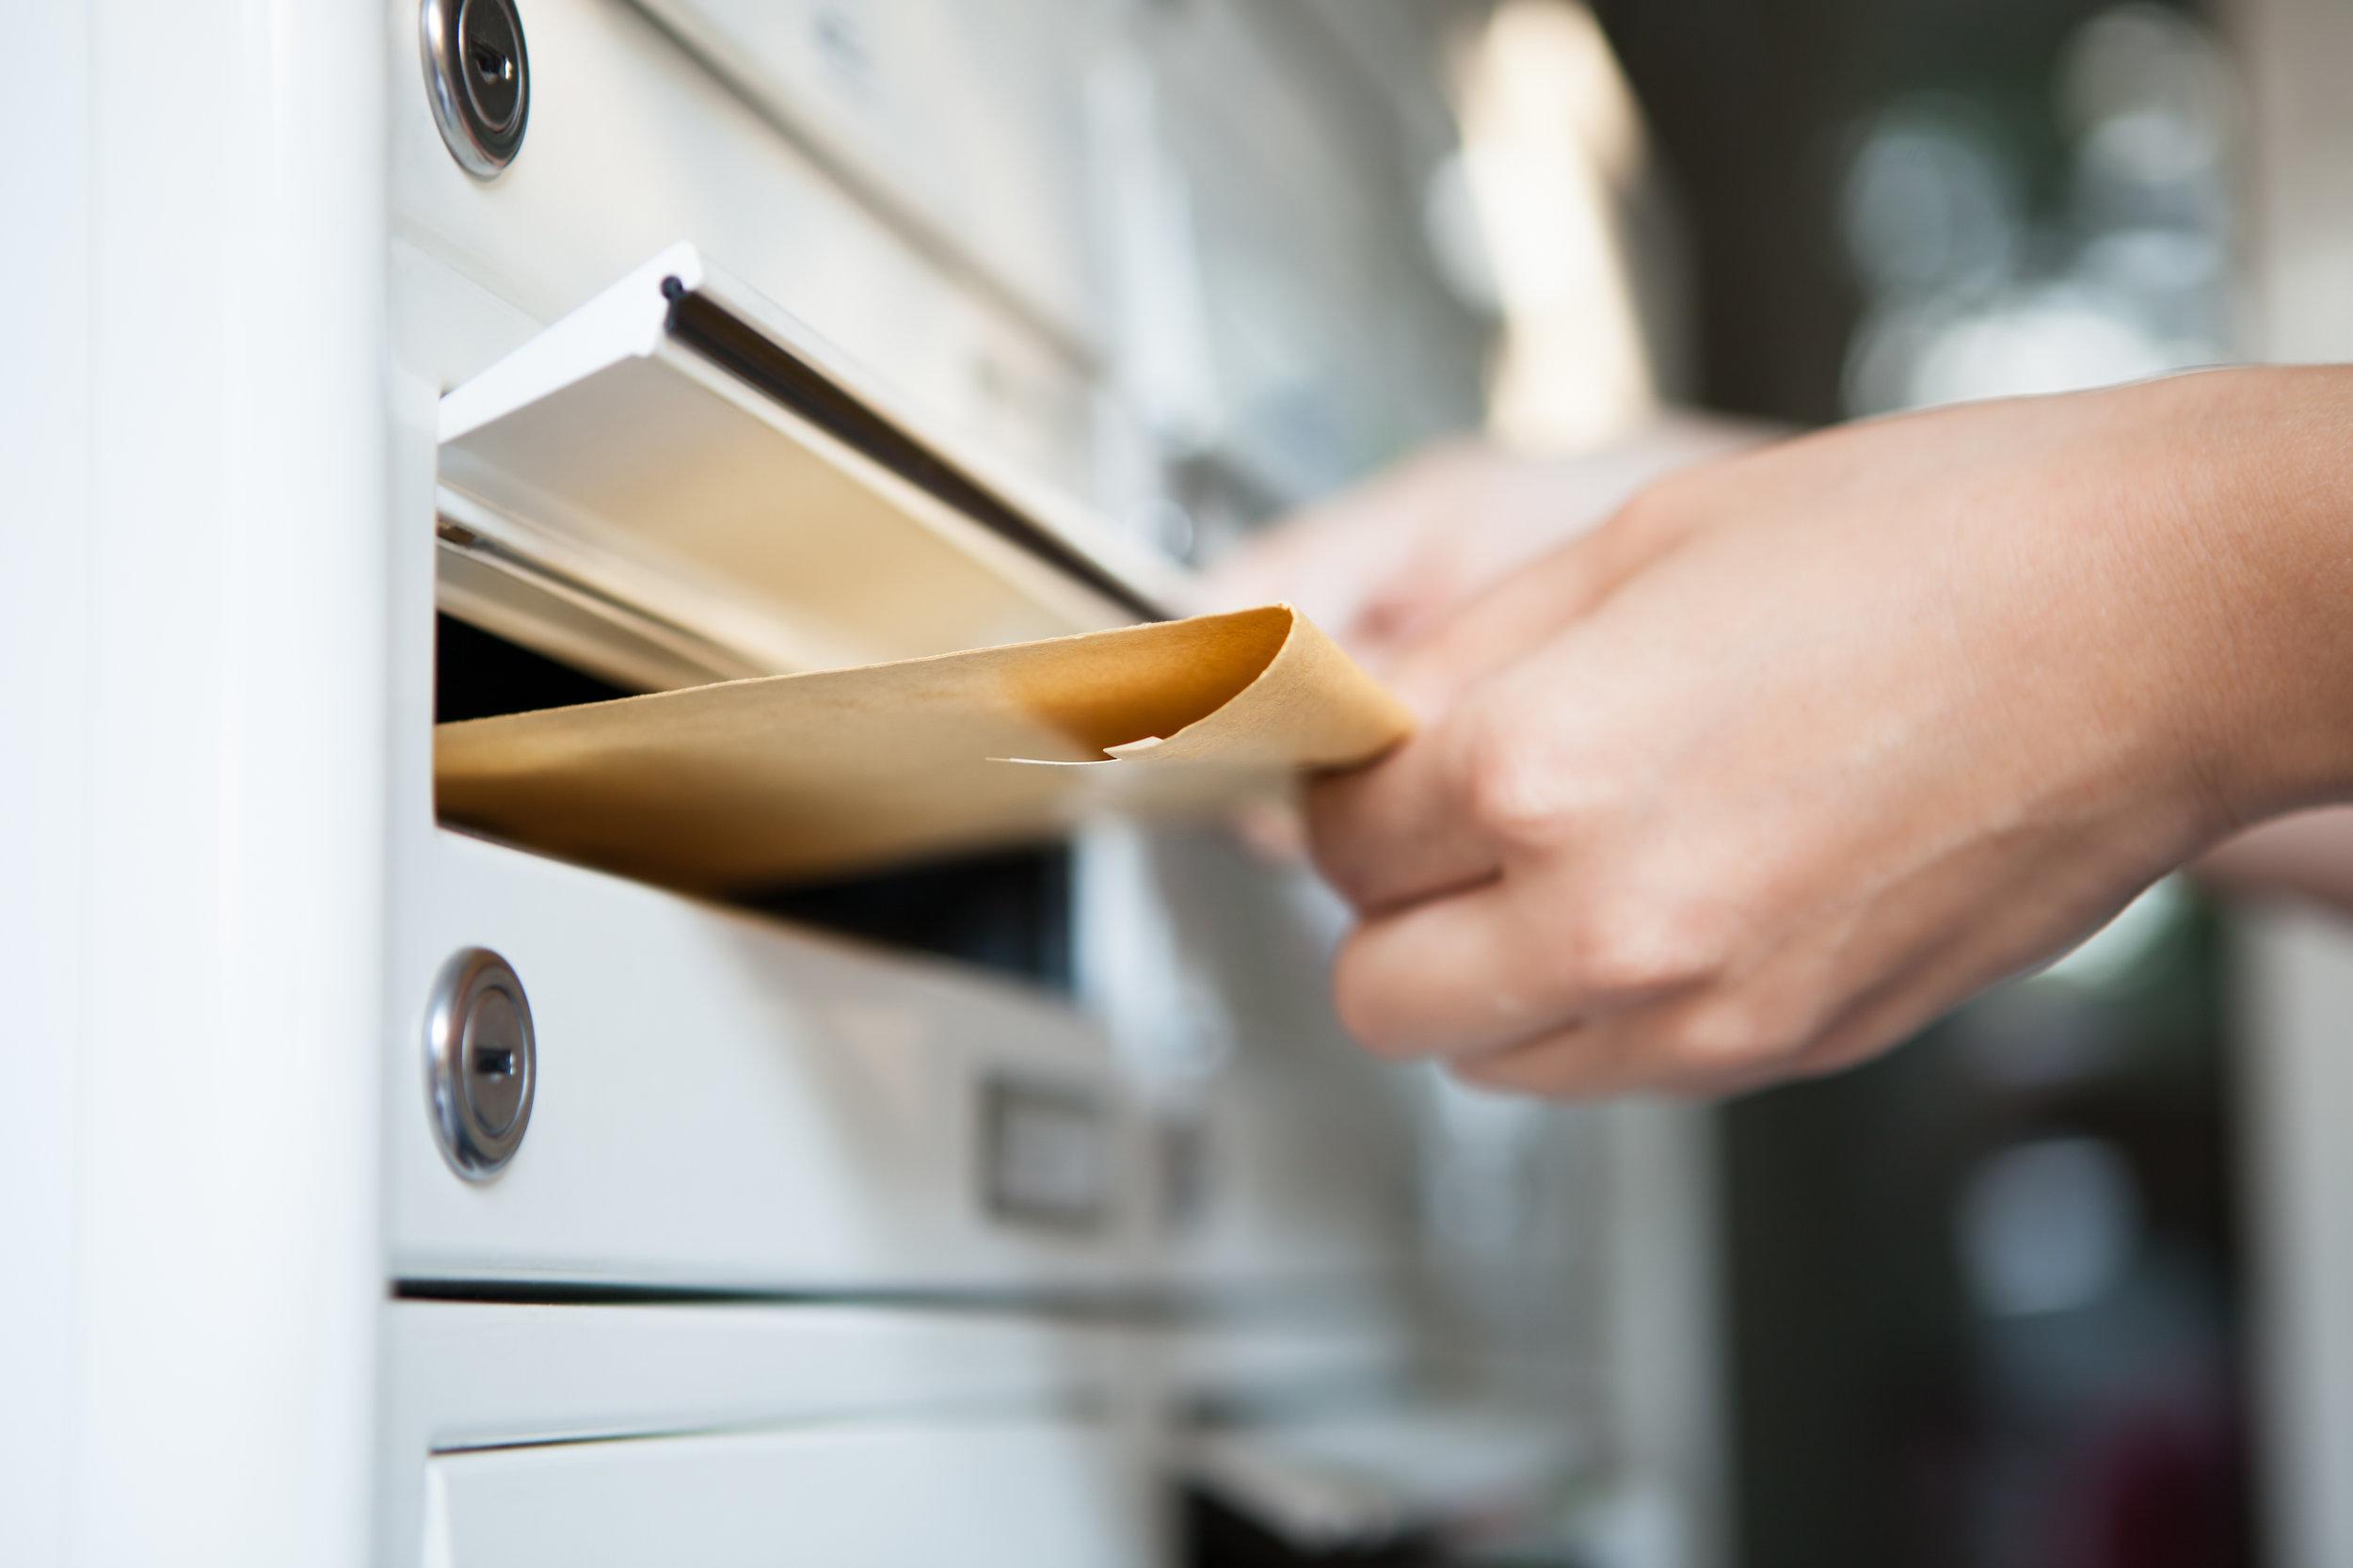 Direktwerbung:Gut gemachte Direktwerbung ist sehr flexibel, lässt sich sofort messen und bringt Ihnen umgehend den gewünschten Return on Investment -